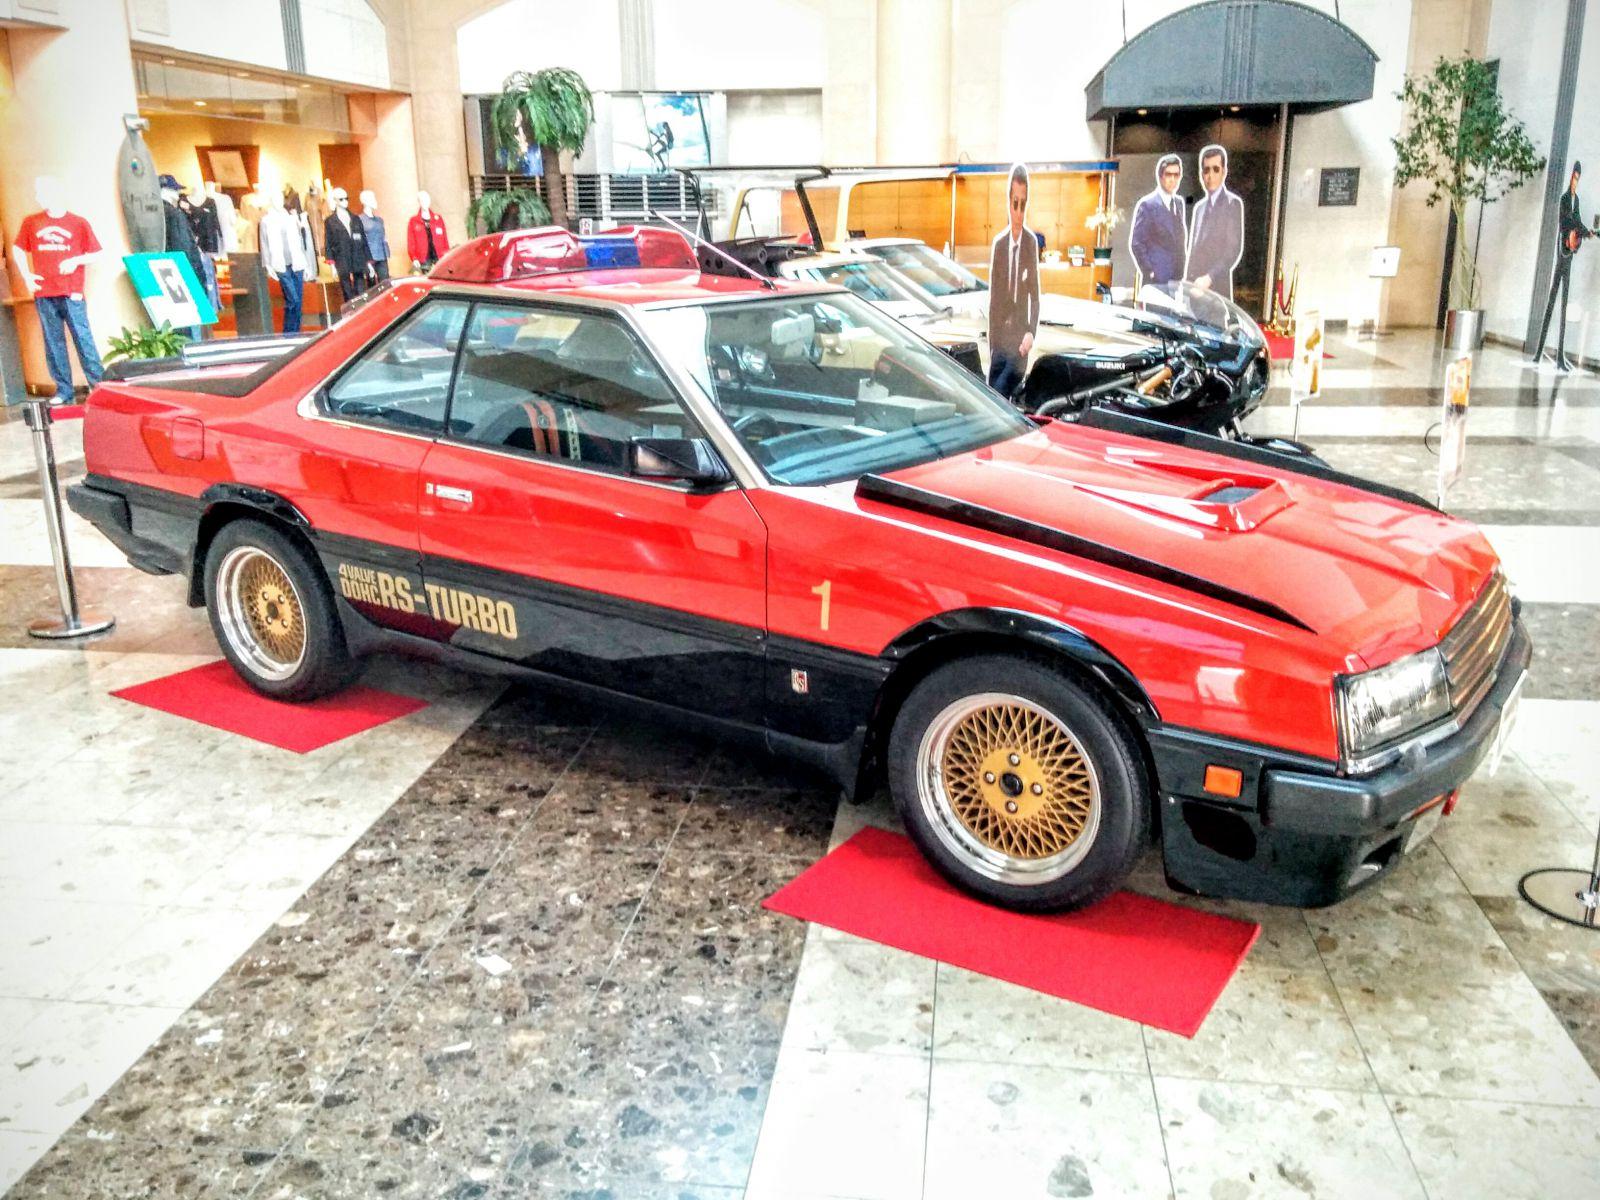 【小樽】小樽裕次郎記念館・西部警察観光タクシー